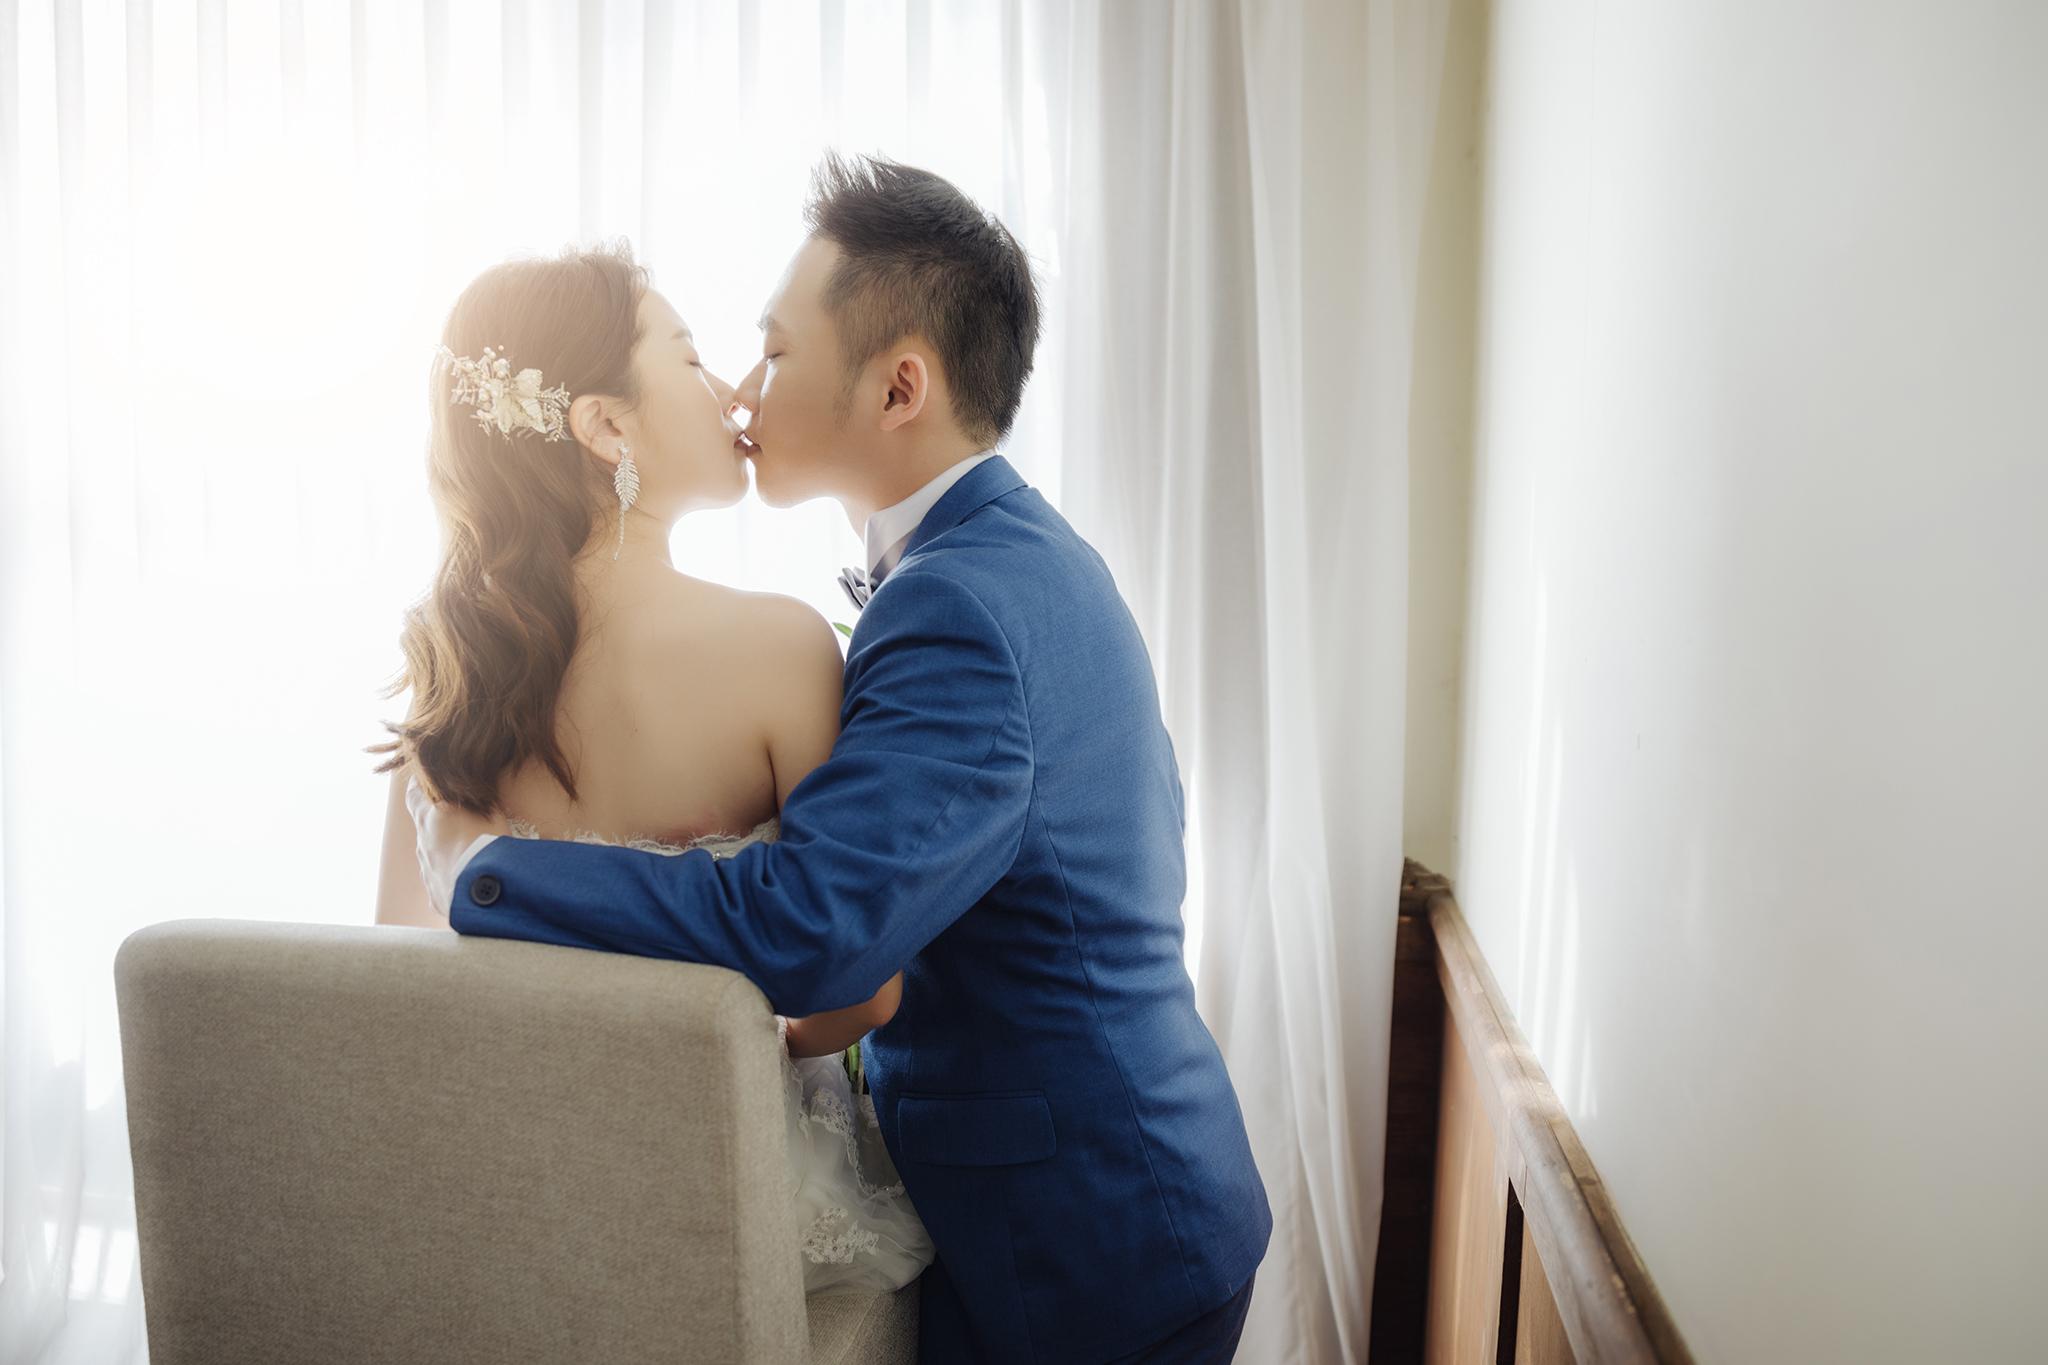 49599524707 1495d28008 o - 【自助婚紗】+啟安&虹虹+